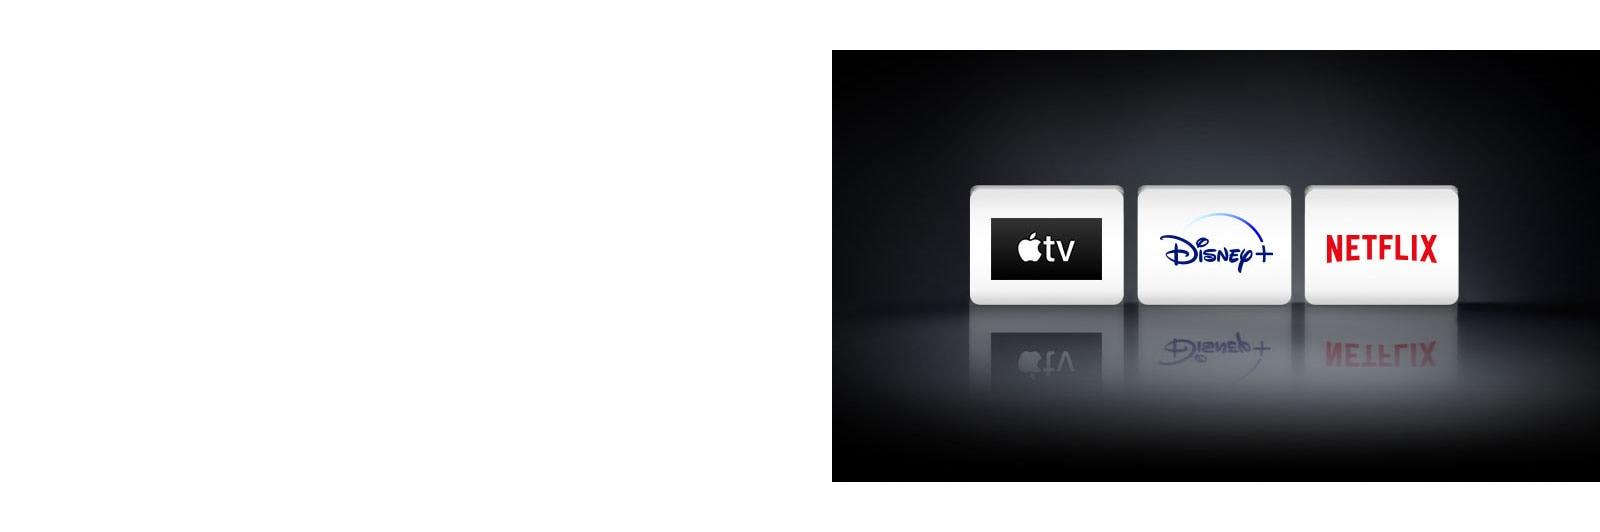 Τέσσερα λογότυπα: Apple TV app, Disney+ και Netflix